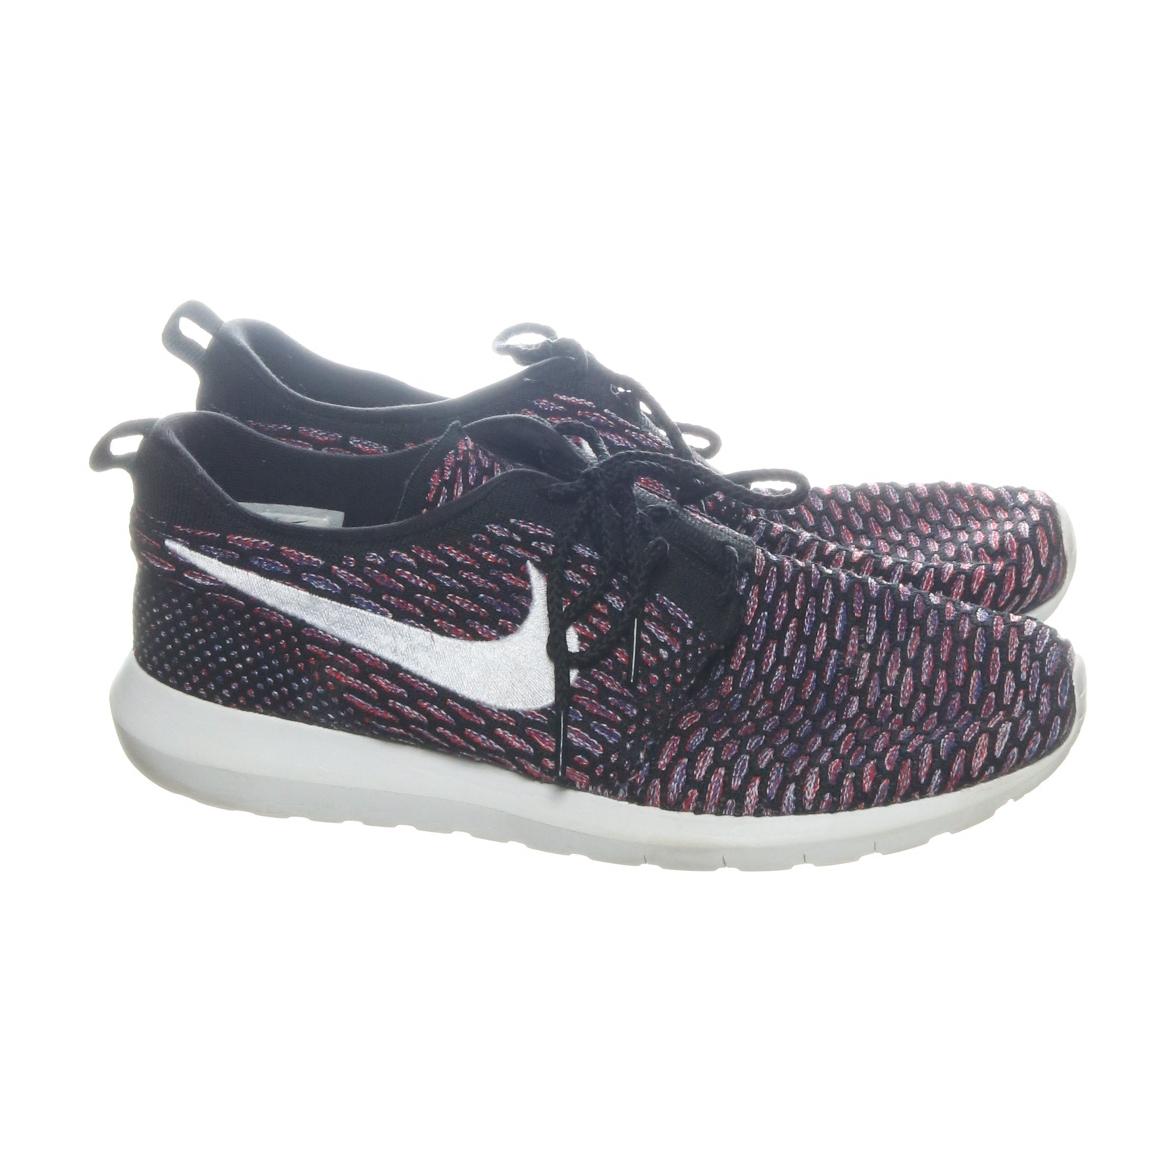 half off 6344c a7946 Sneakers (Svart) från Nike   Sellpy.se